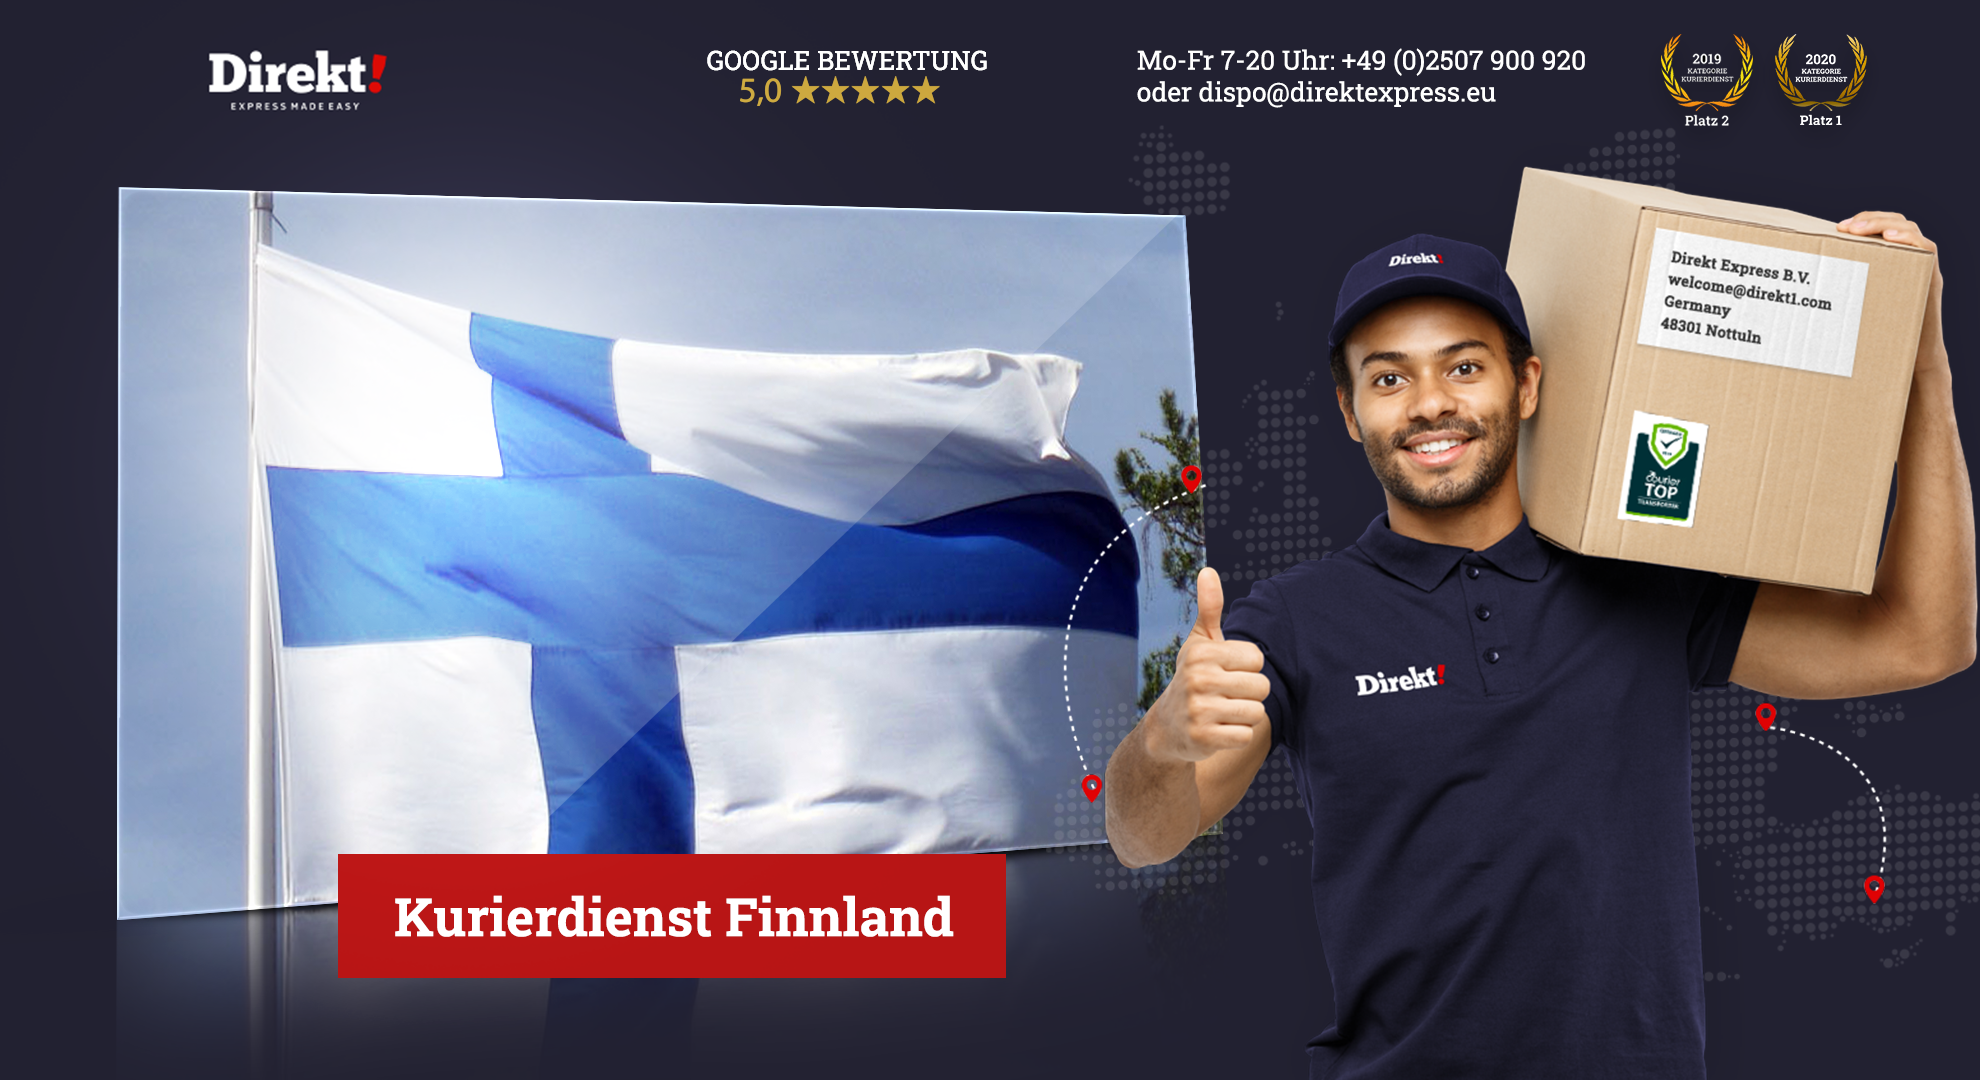 https://direkt1.com/wp-content/uploads/2021/03/Kurierdienst-finnland-buchen.png